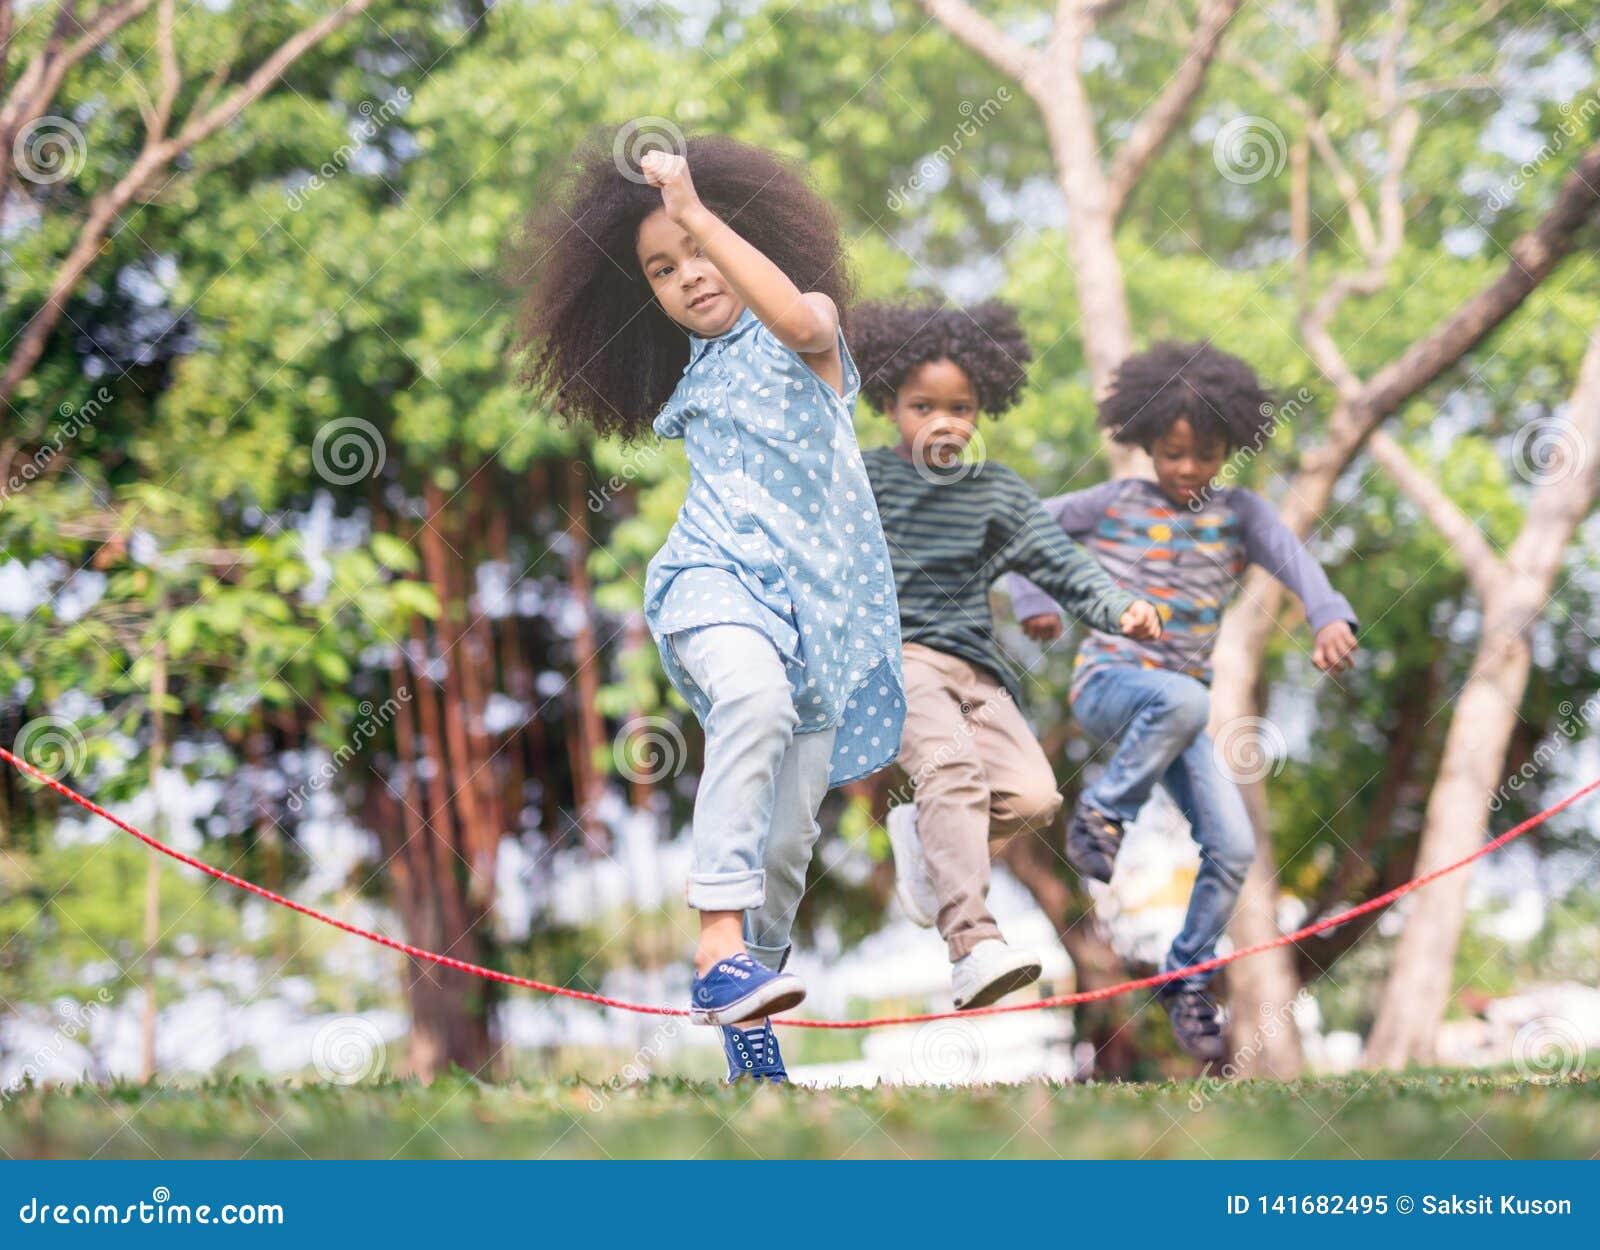 Bambini che giocano salto sopra la corda nel parco il giorno di estate soleggiato